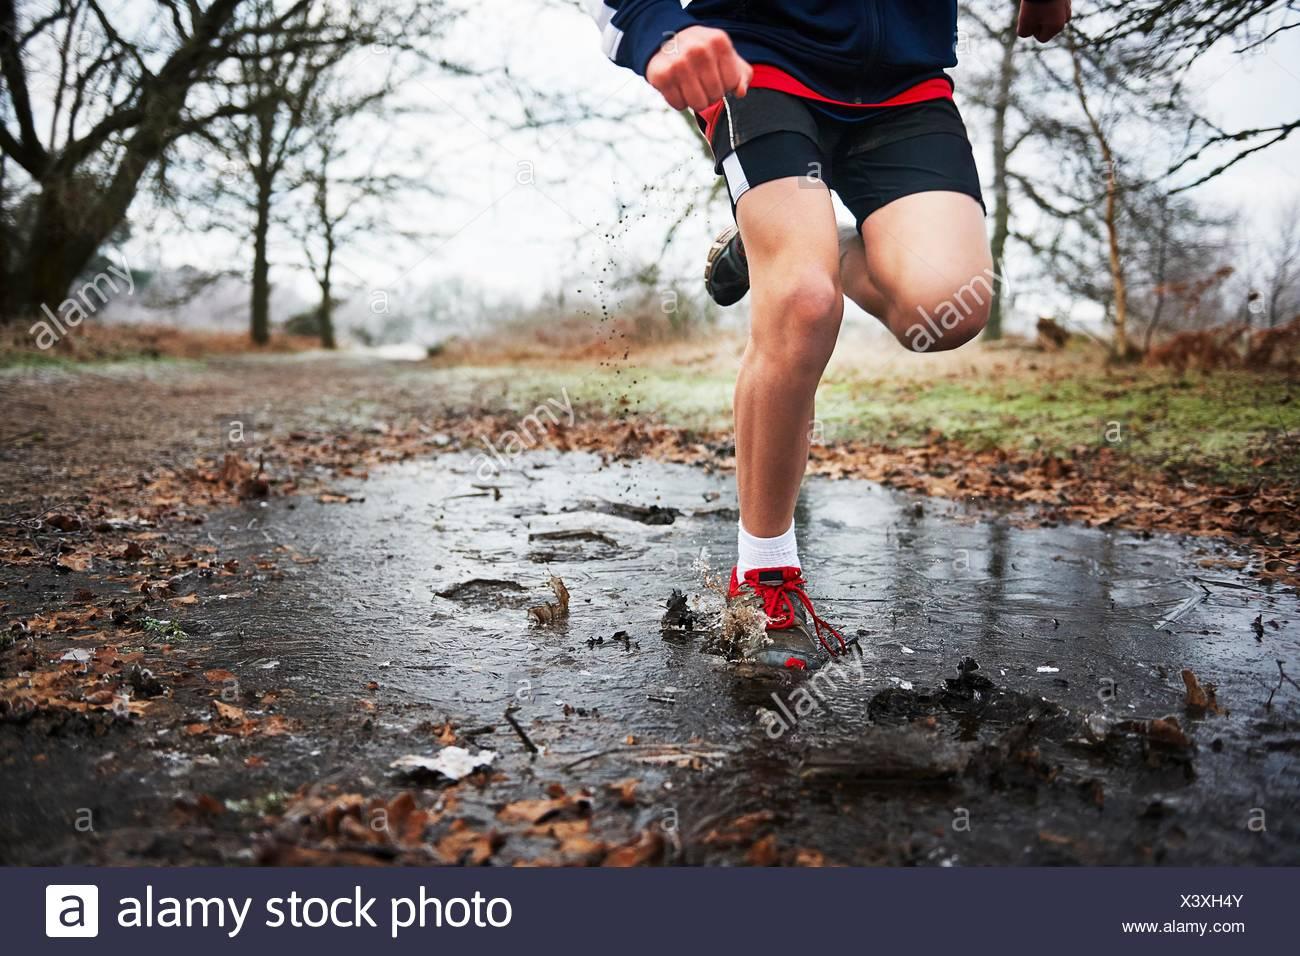 Vista frontal de la adolescente corriendo a través de la charca Imagen De Stock